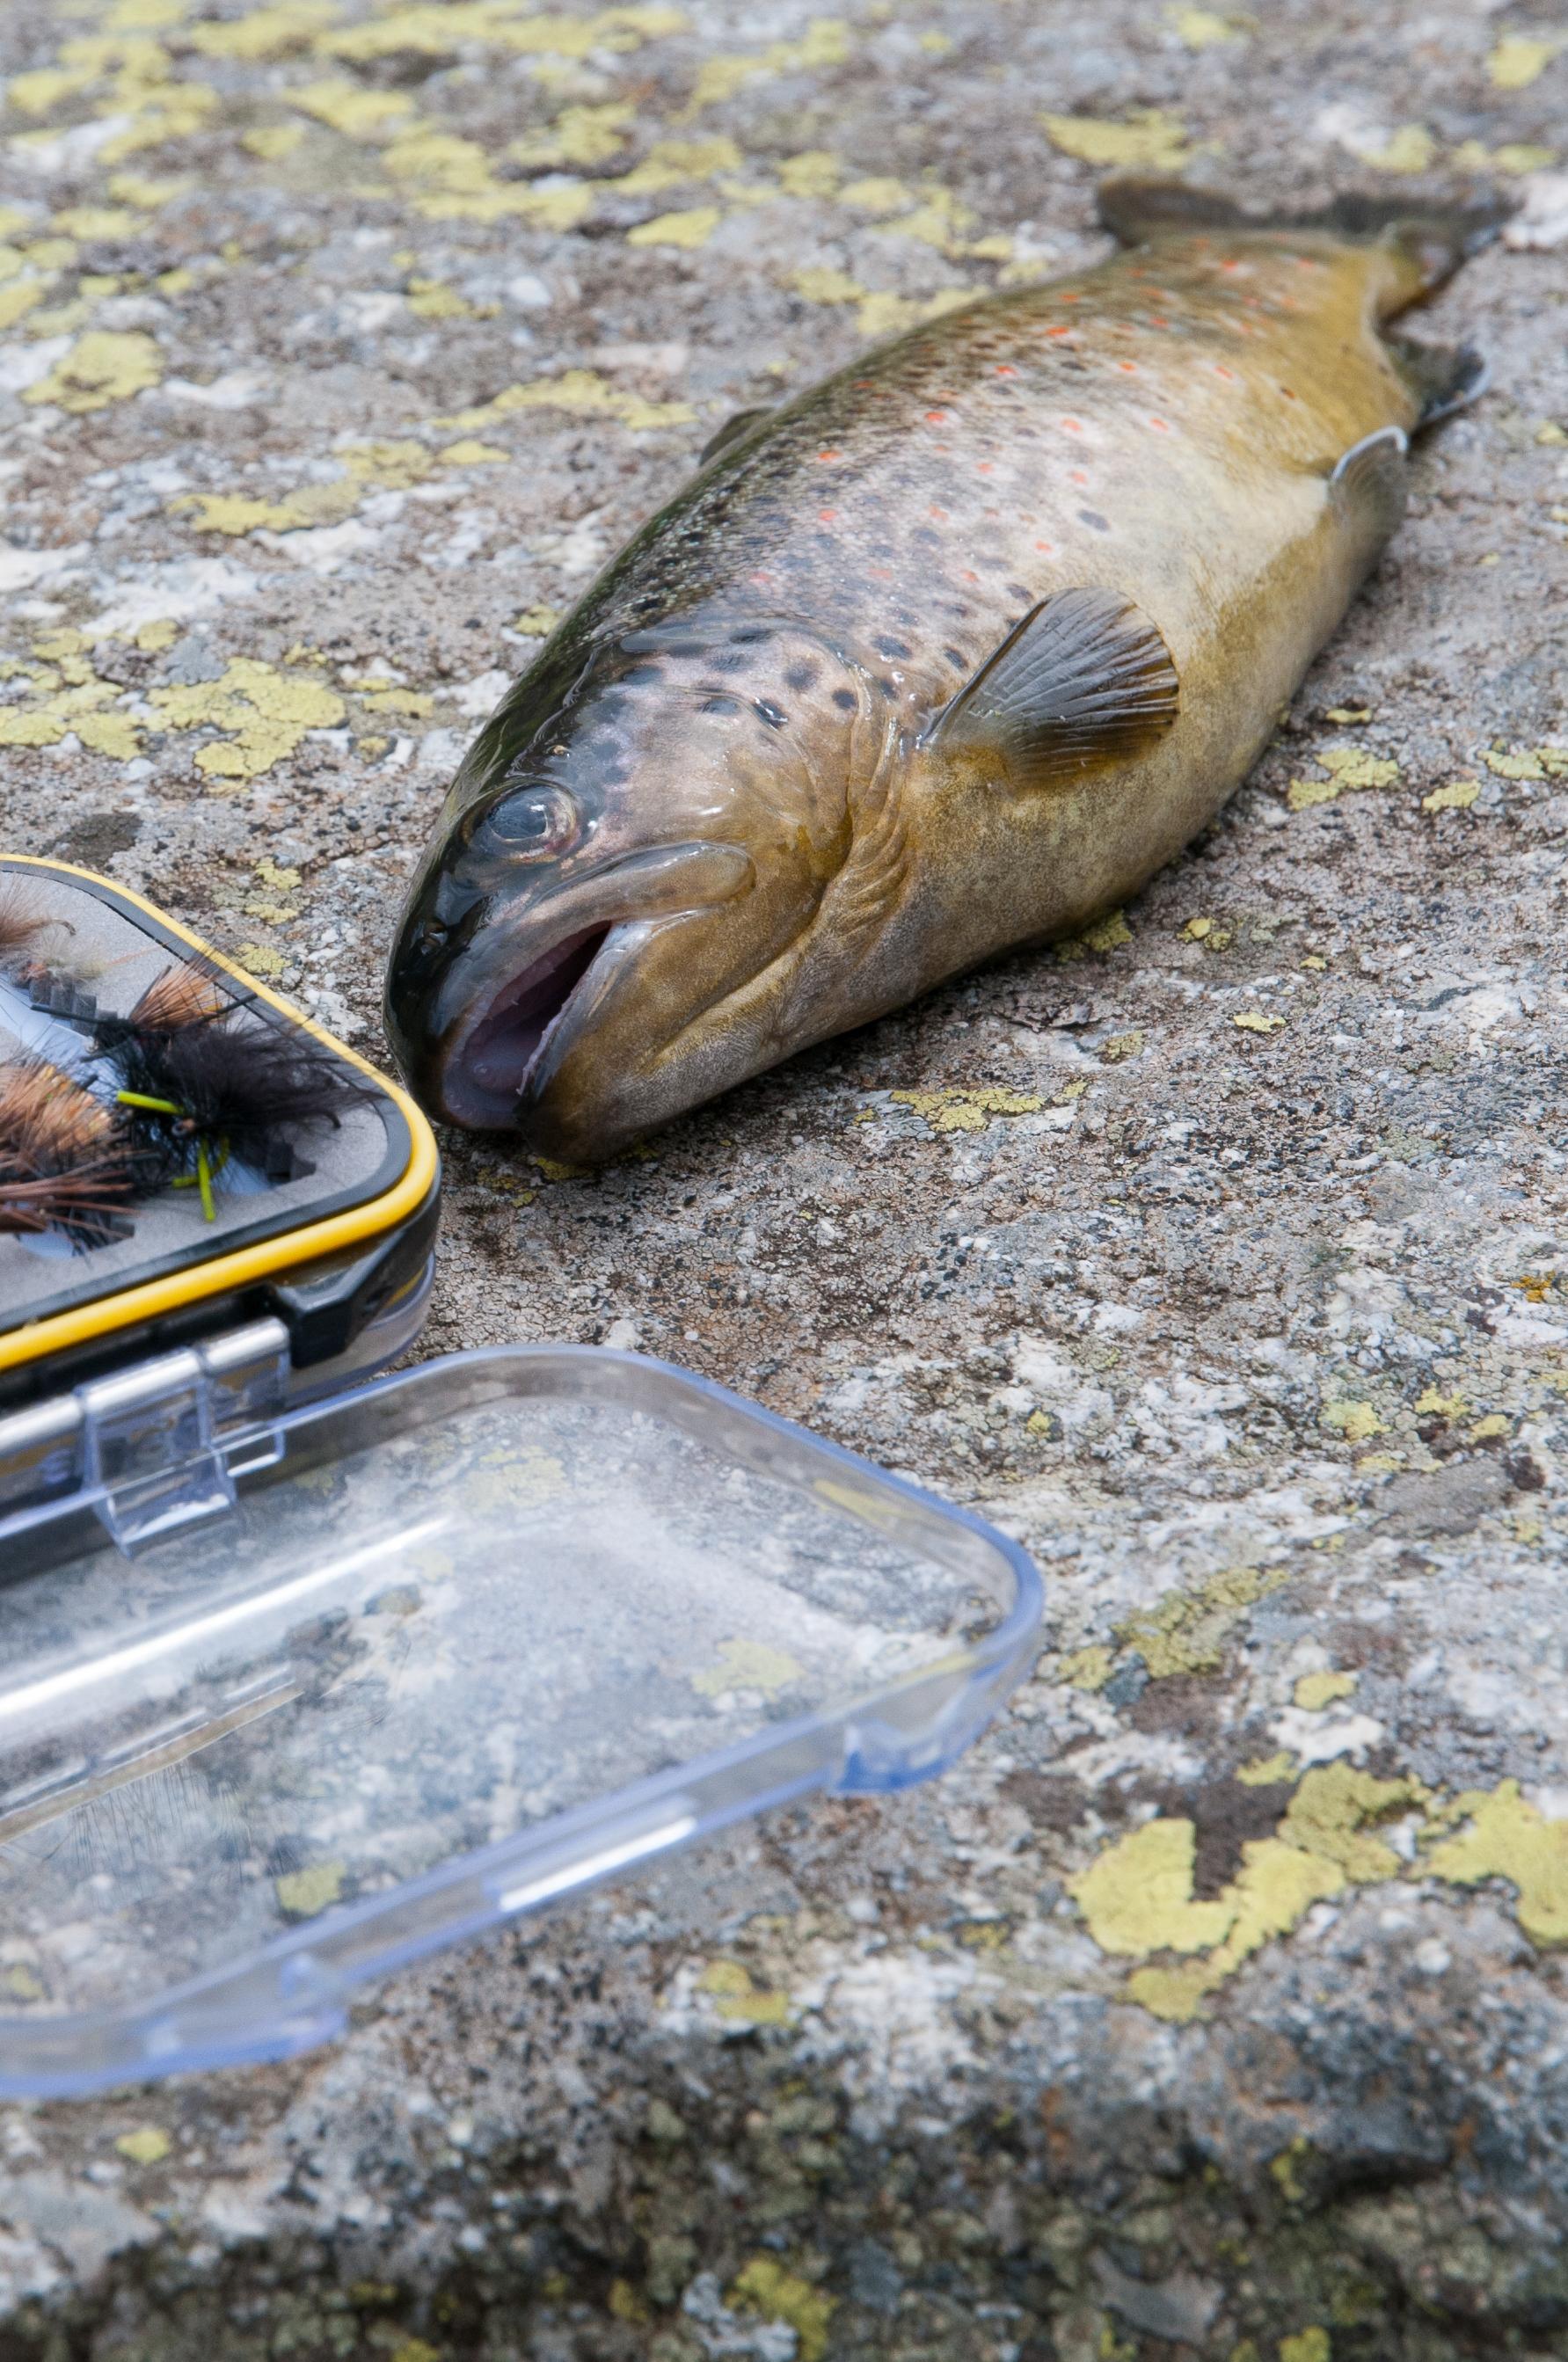 Fliegenfischen, Spinnfischen, Salmoniden, Forelle, Namaycush, Saibling, Alpenfischer, Alpen angeln, Petri-Heil, Petri Heil